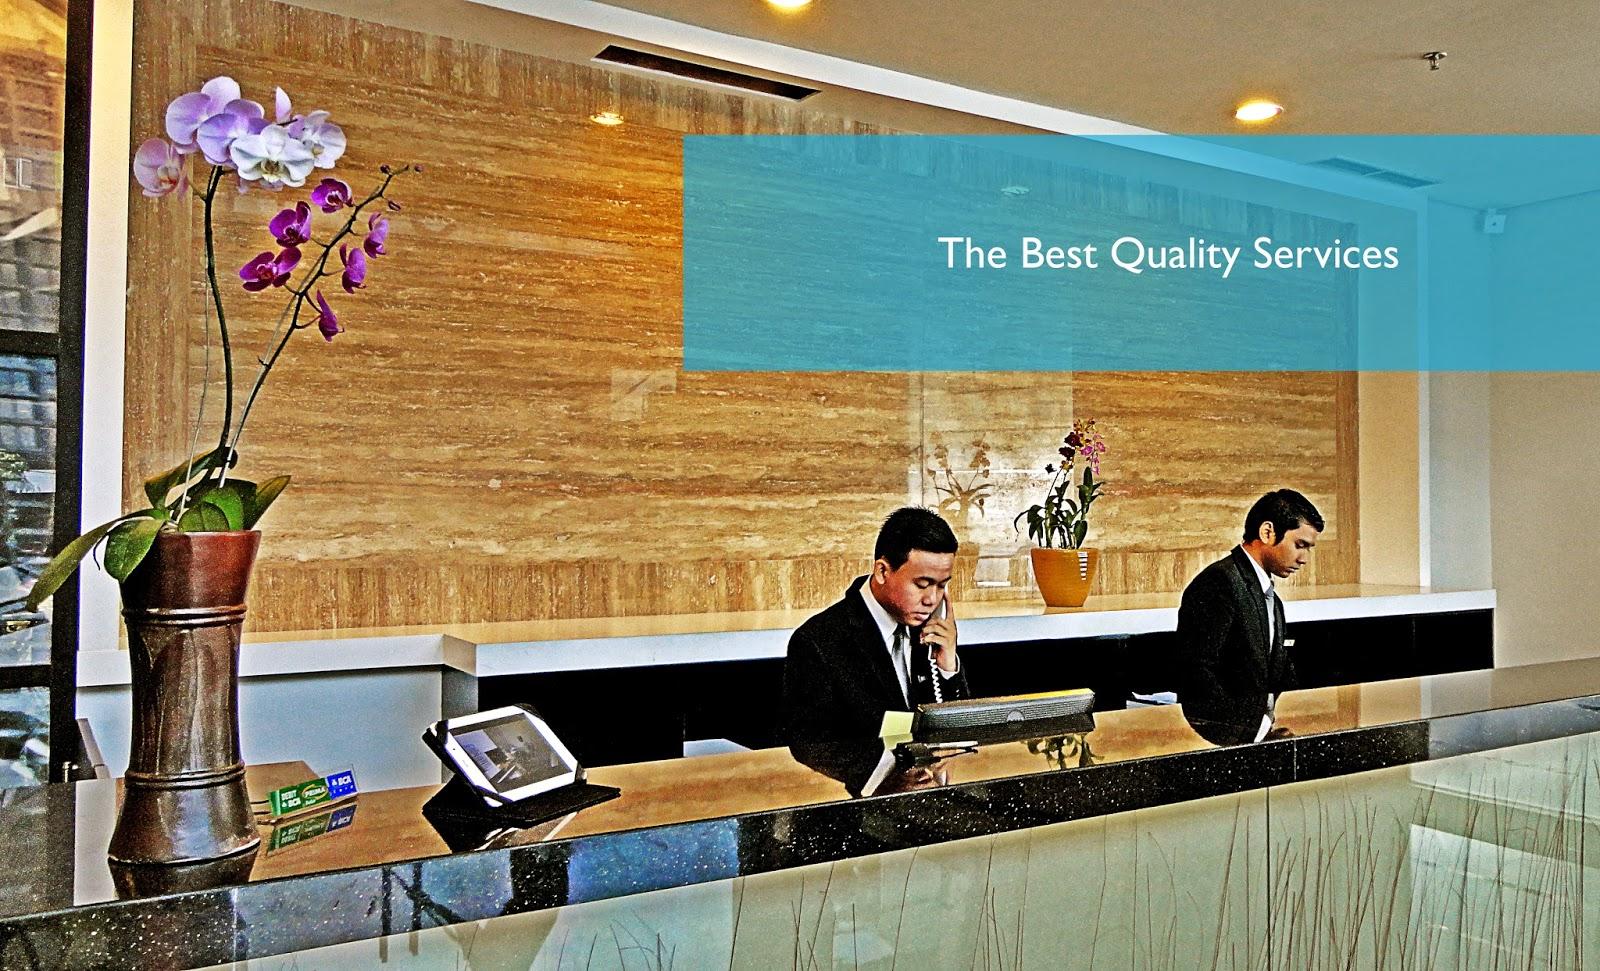 Fasilitas Kamar Di Hotel Murah Surabaya Ini Cukup Lengkap Seperti Yang Bertarif Mahal Lainya AC LCD TV Private Bathroom Include Hot Water